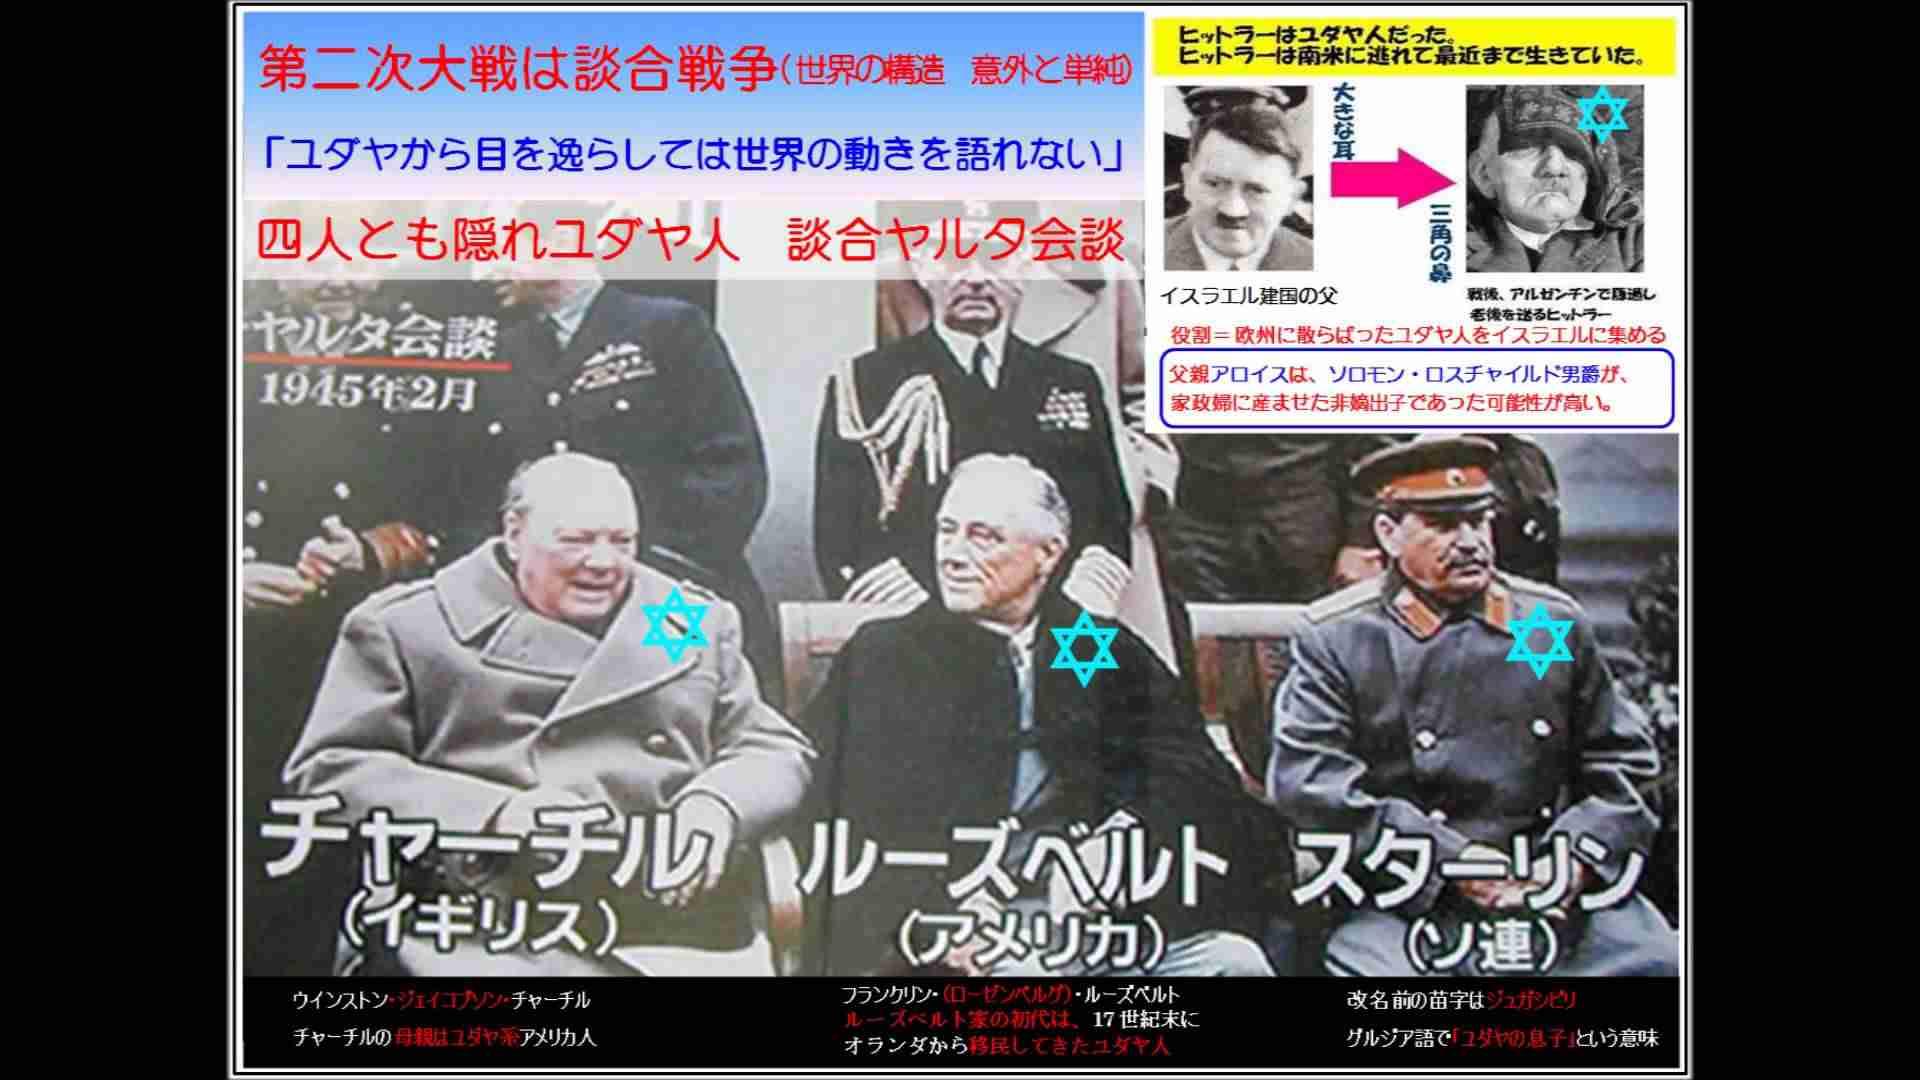 ナチス後継国=イスラエル【ヒトラーはユダヤ人】【アンネの日記】【アウシュビッツ】 - YouTube